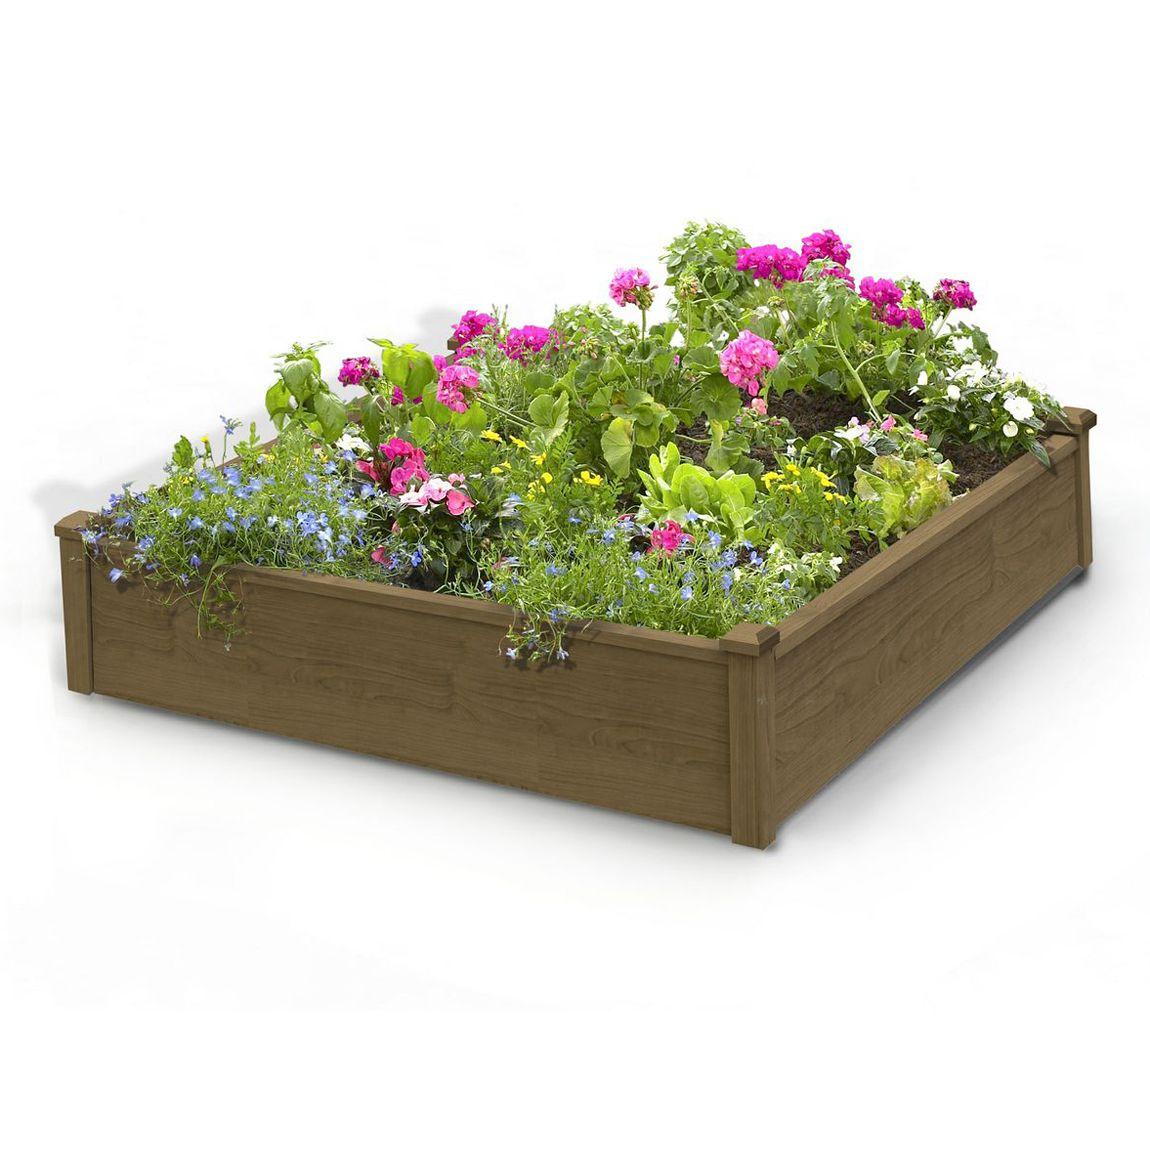 Algreen Products 34004 Raised Garden Bed Raised garden